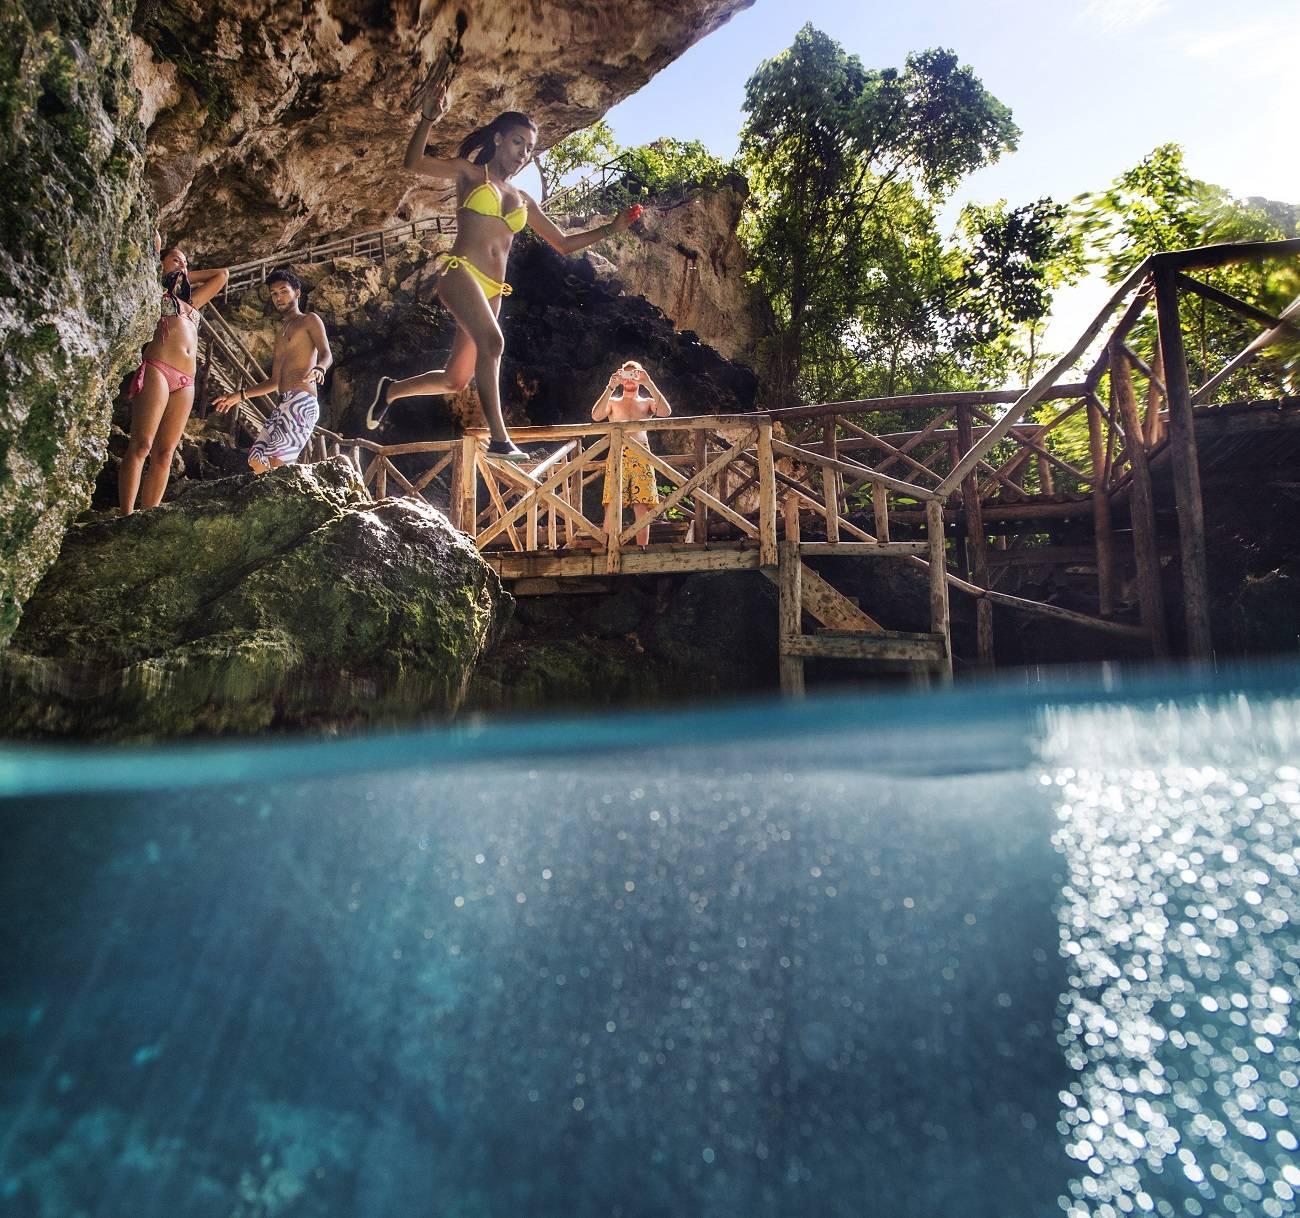 ¿Vas a viajar a República Dominicana? Descubre estos 10 lugares que no te puedes perder